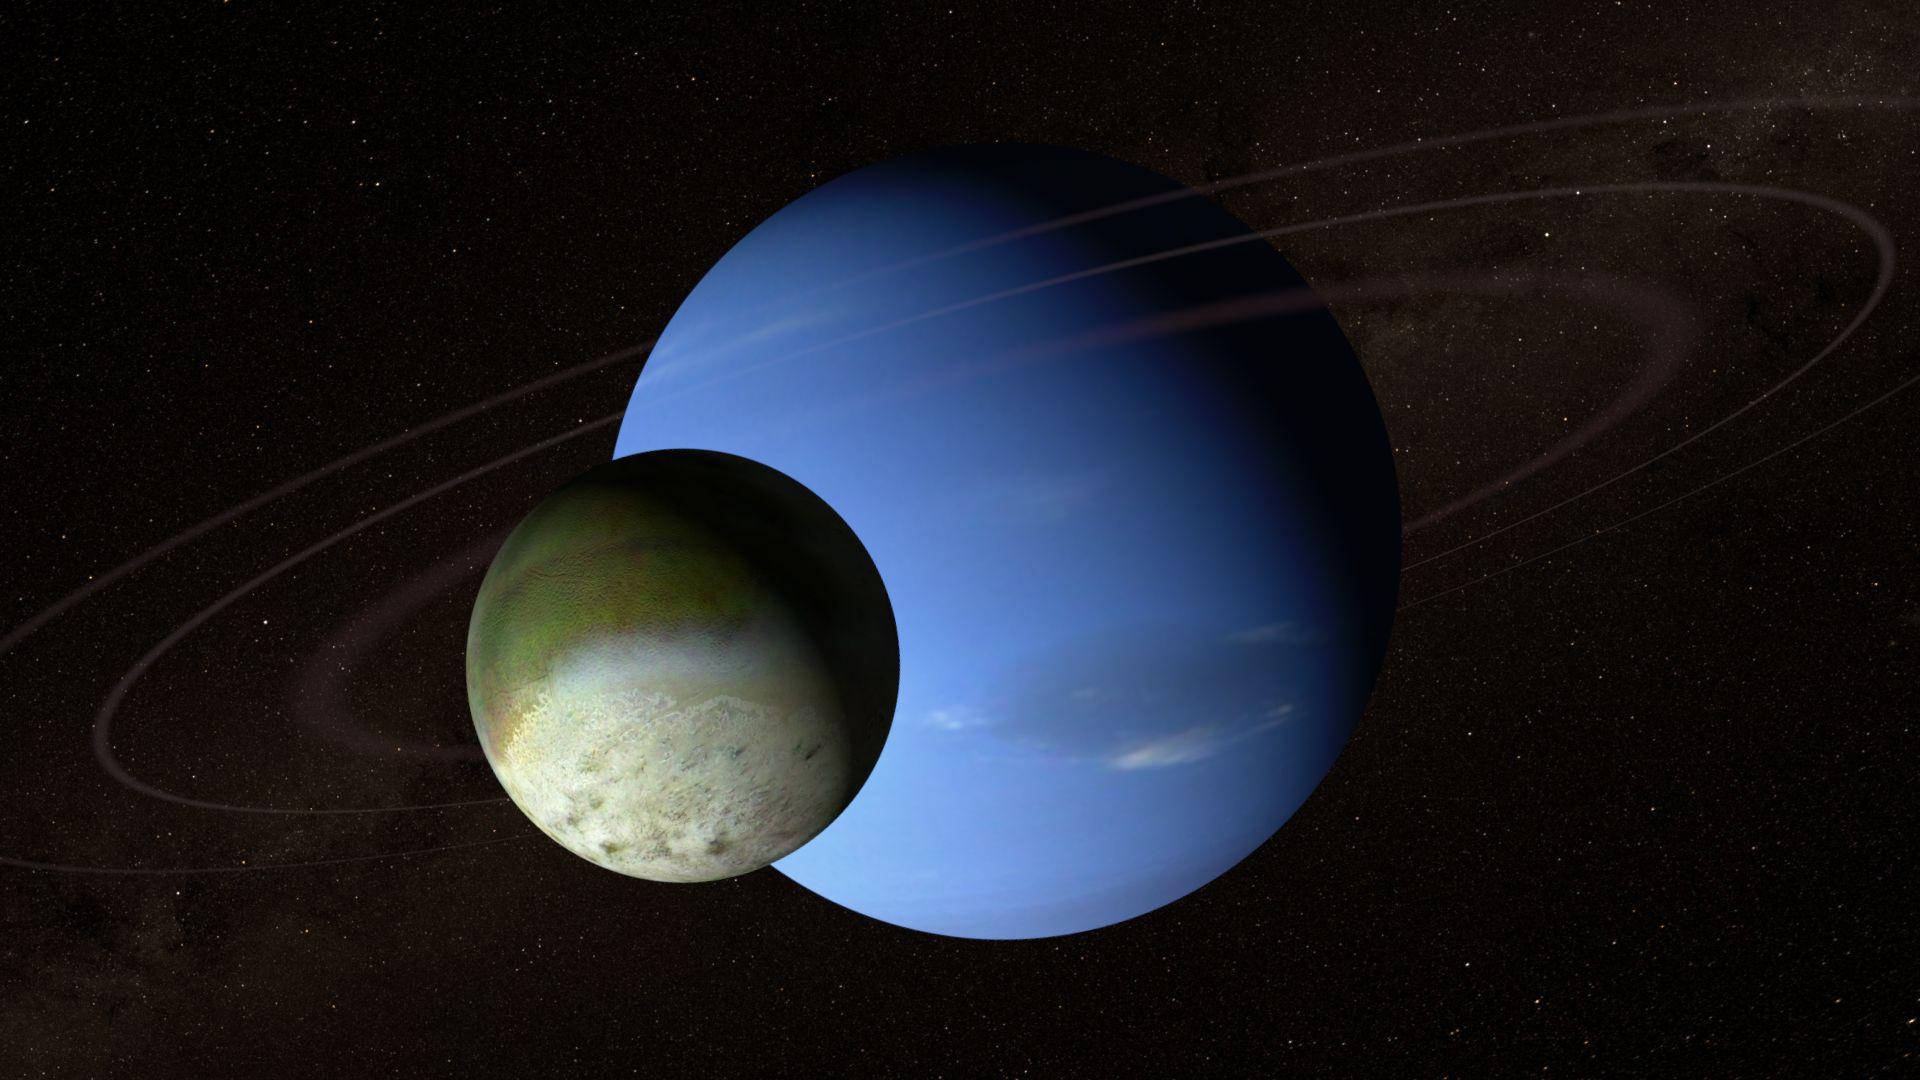 Компютърно изображение на Нептун, пръстените на планетата и Тритон